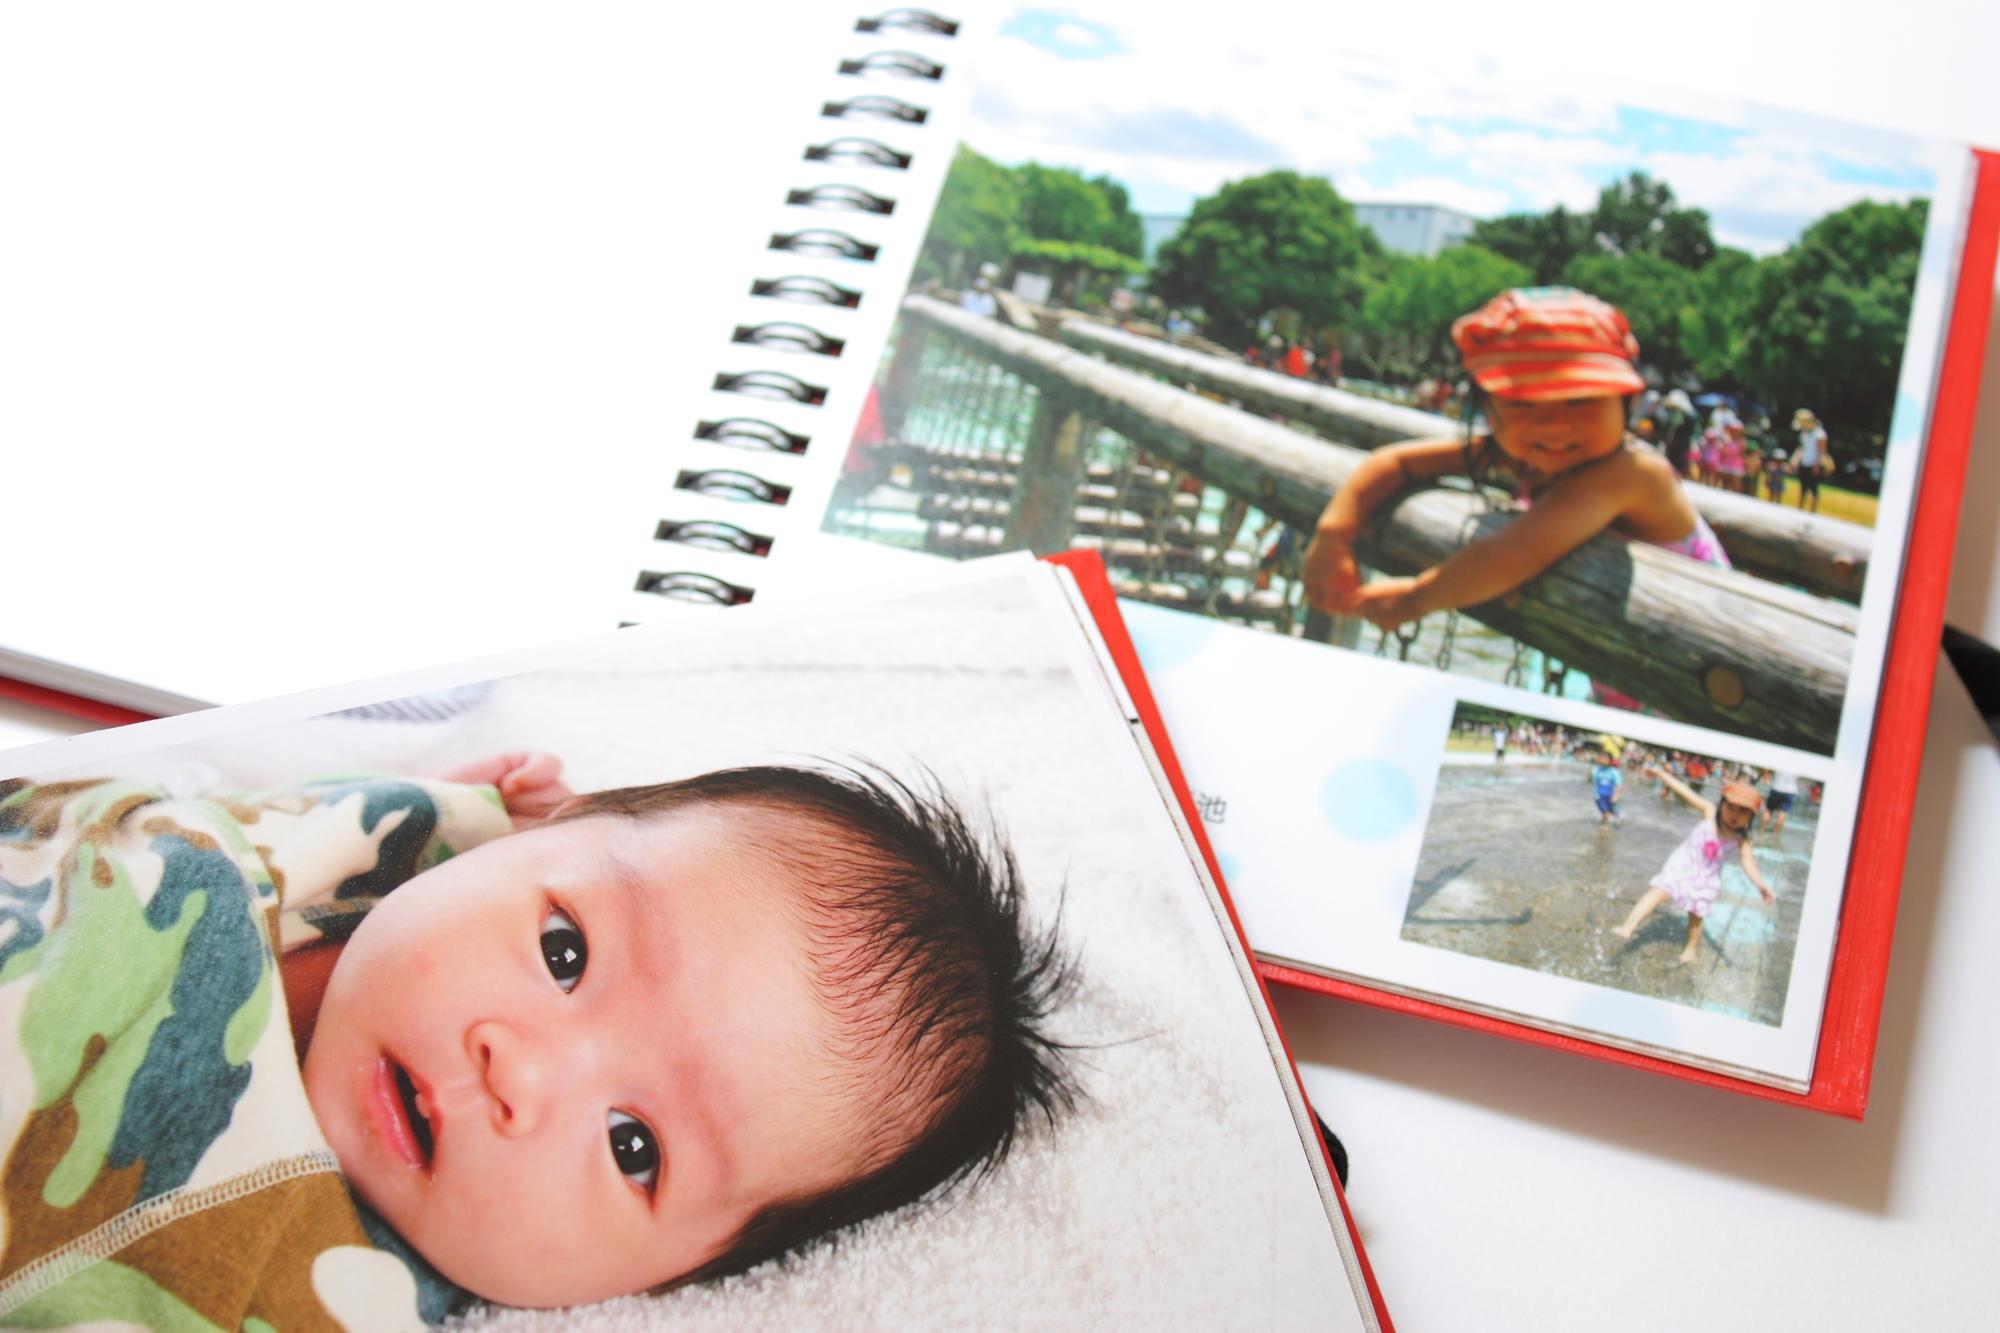 赤ちゃんのアルバムを整理するおすすめの方法